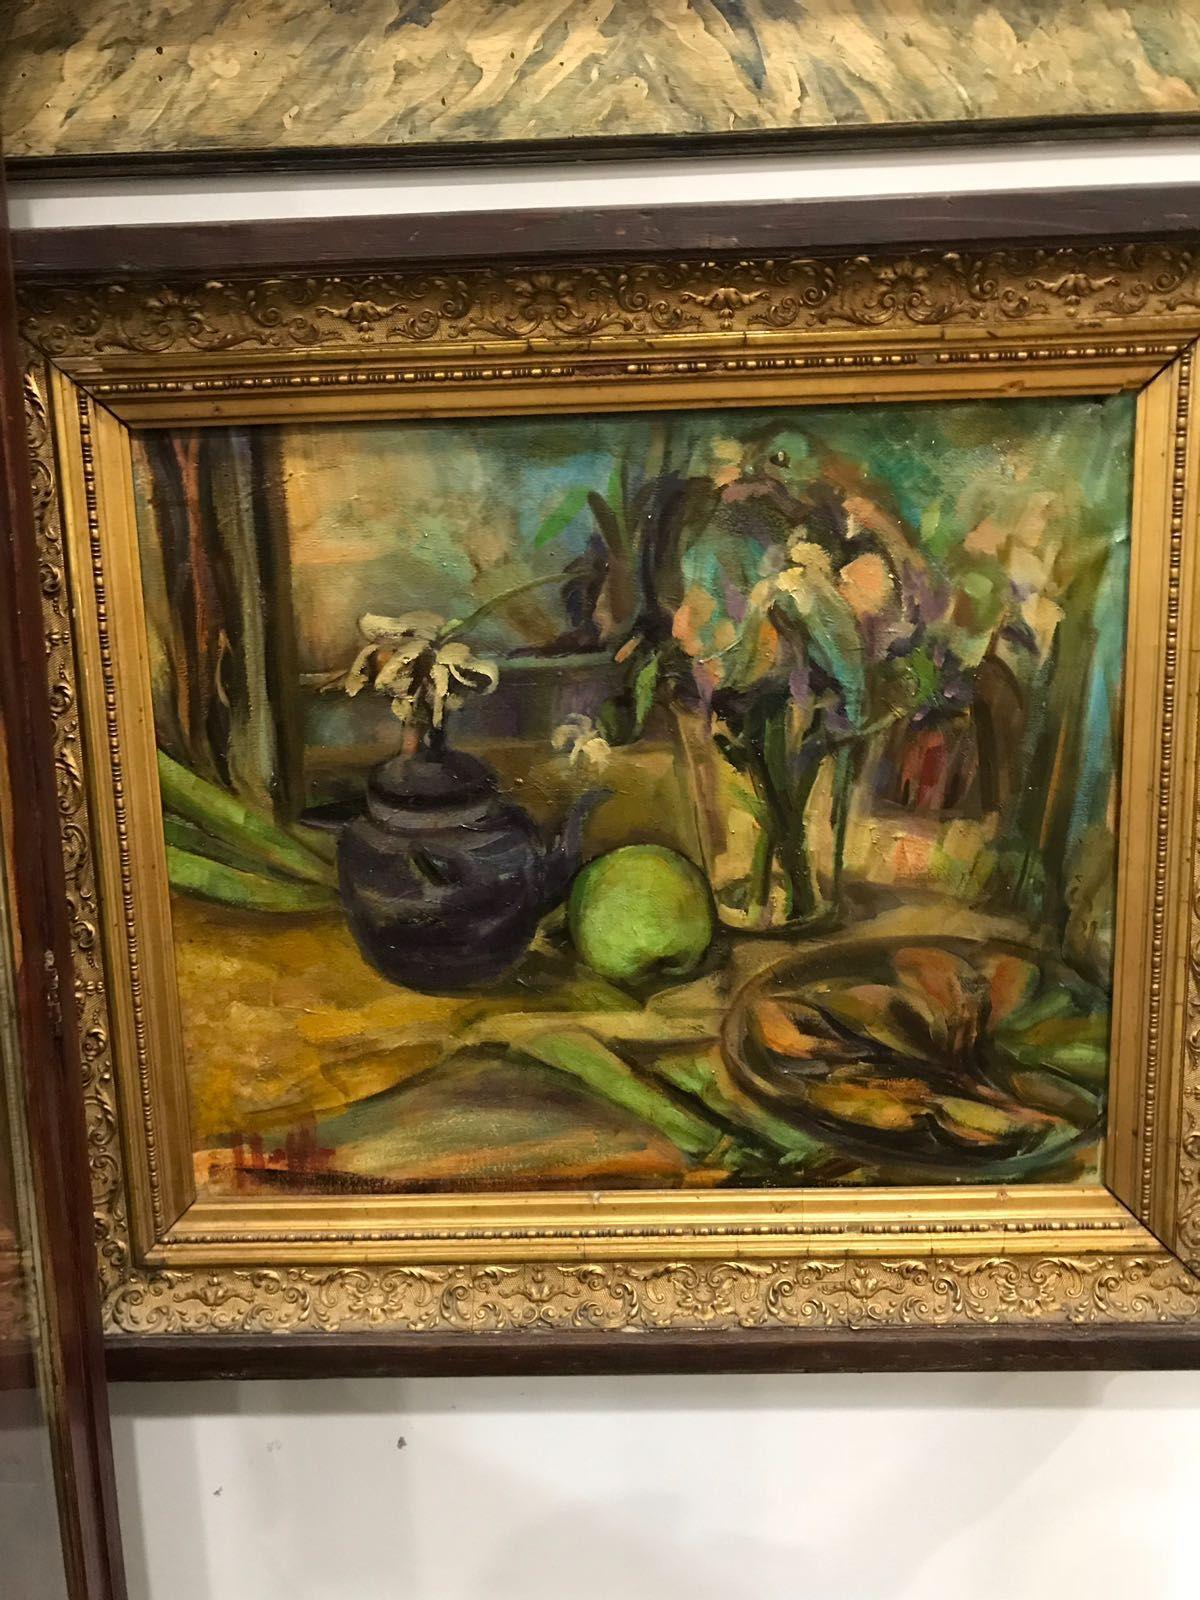 Foto 36 de Galerías de arte y salas de exposiciones en Cartagena | Arte & Antigüedades Federico Robles Perez